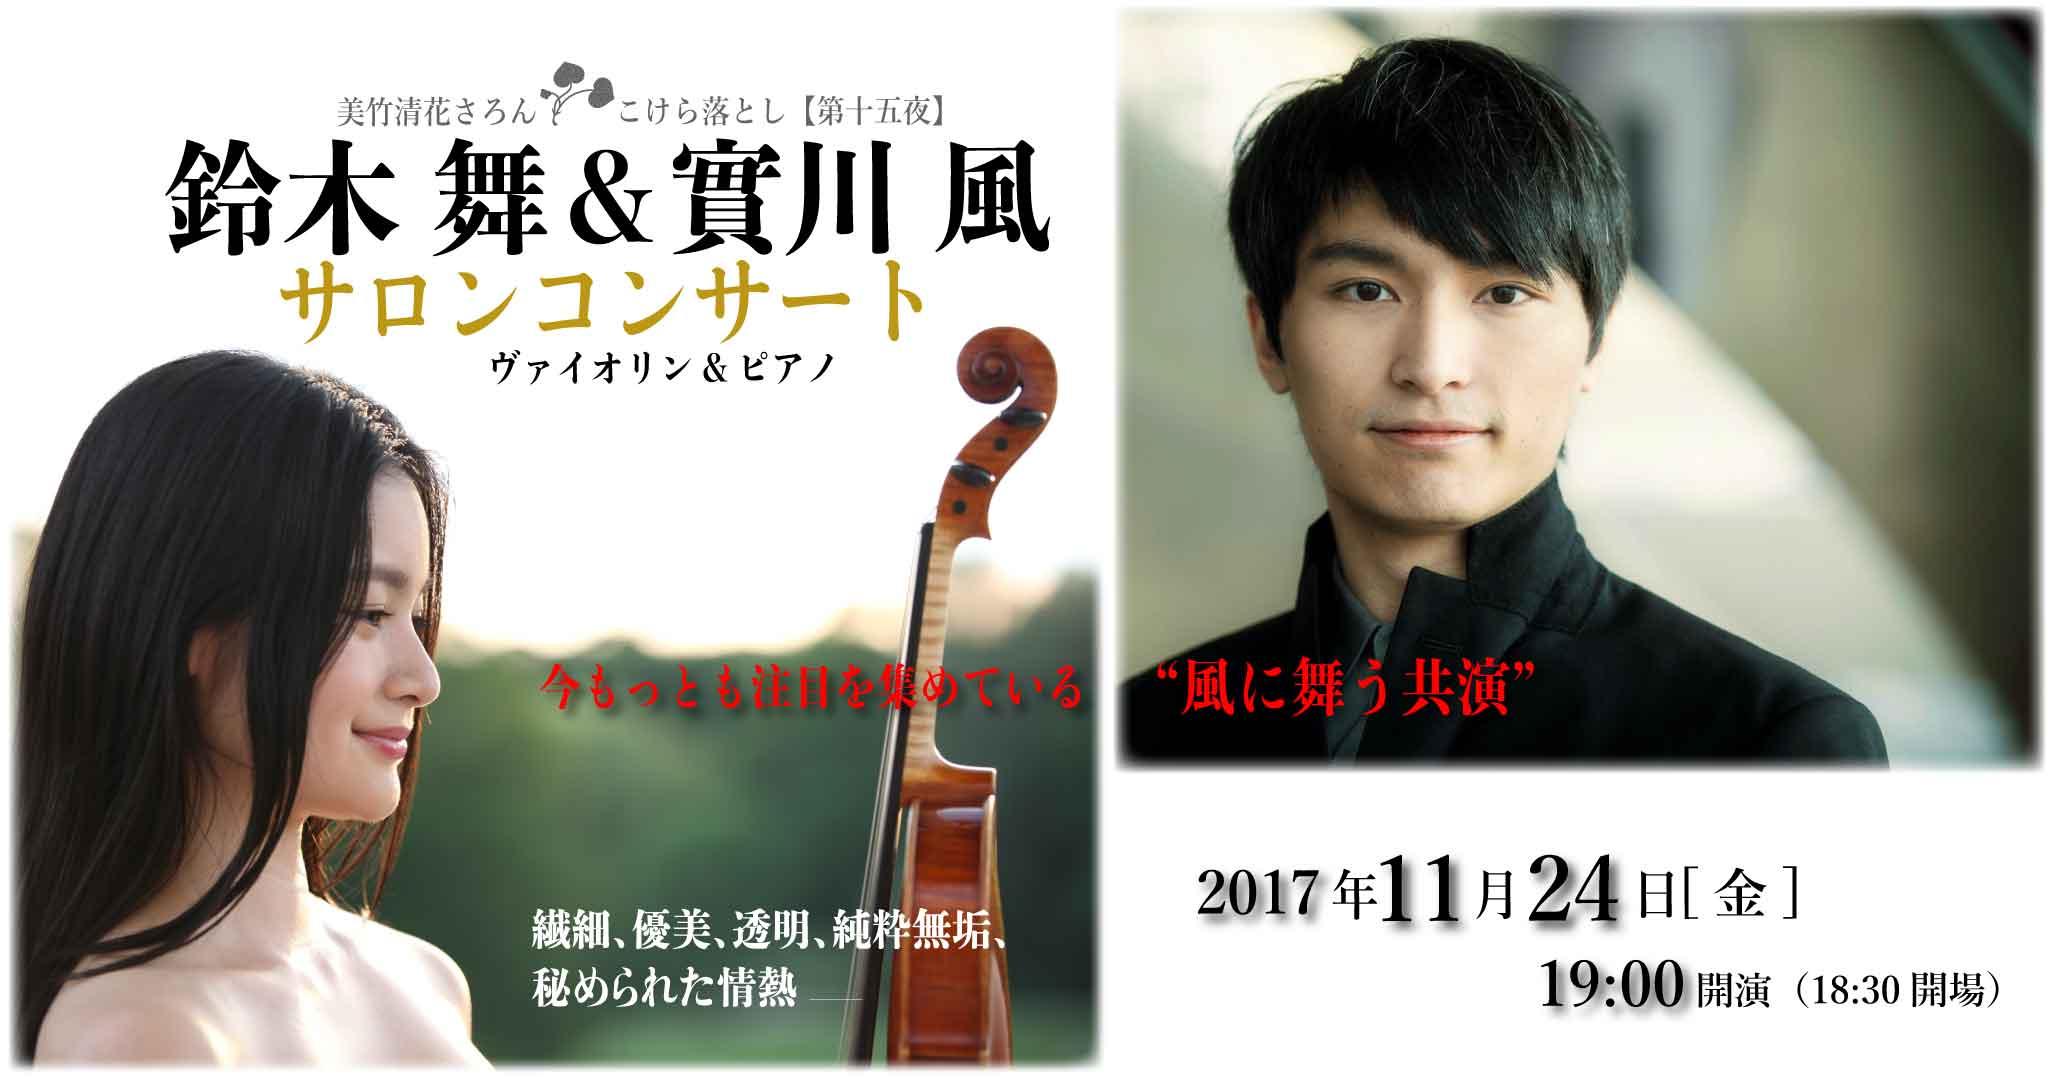 11月24日  19:00〜 鈴木舞&實川風サロンコンサート-Violin&Piano-